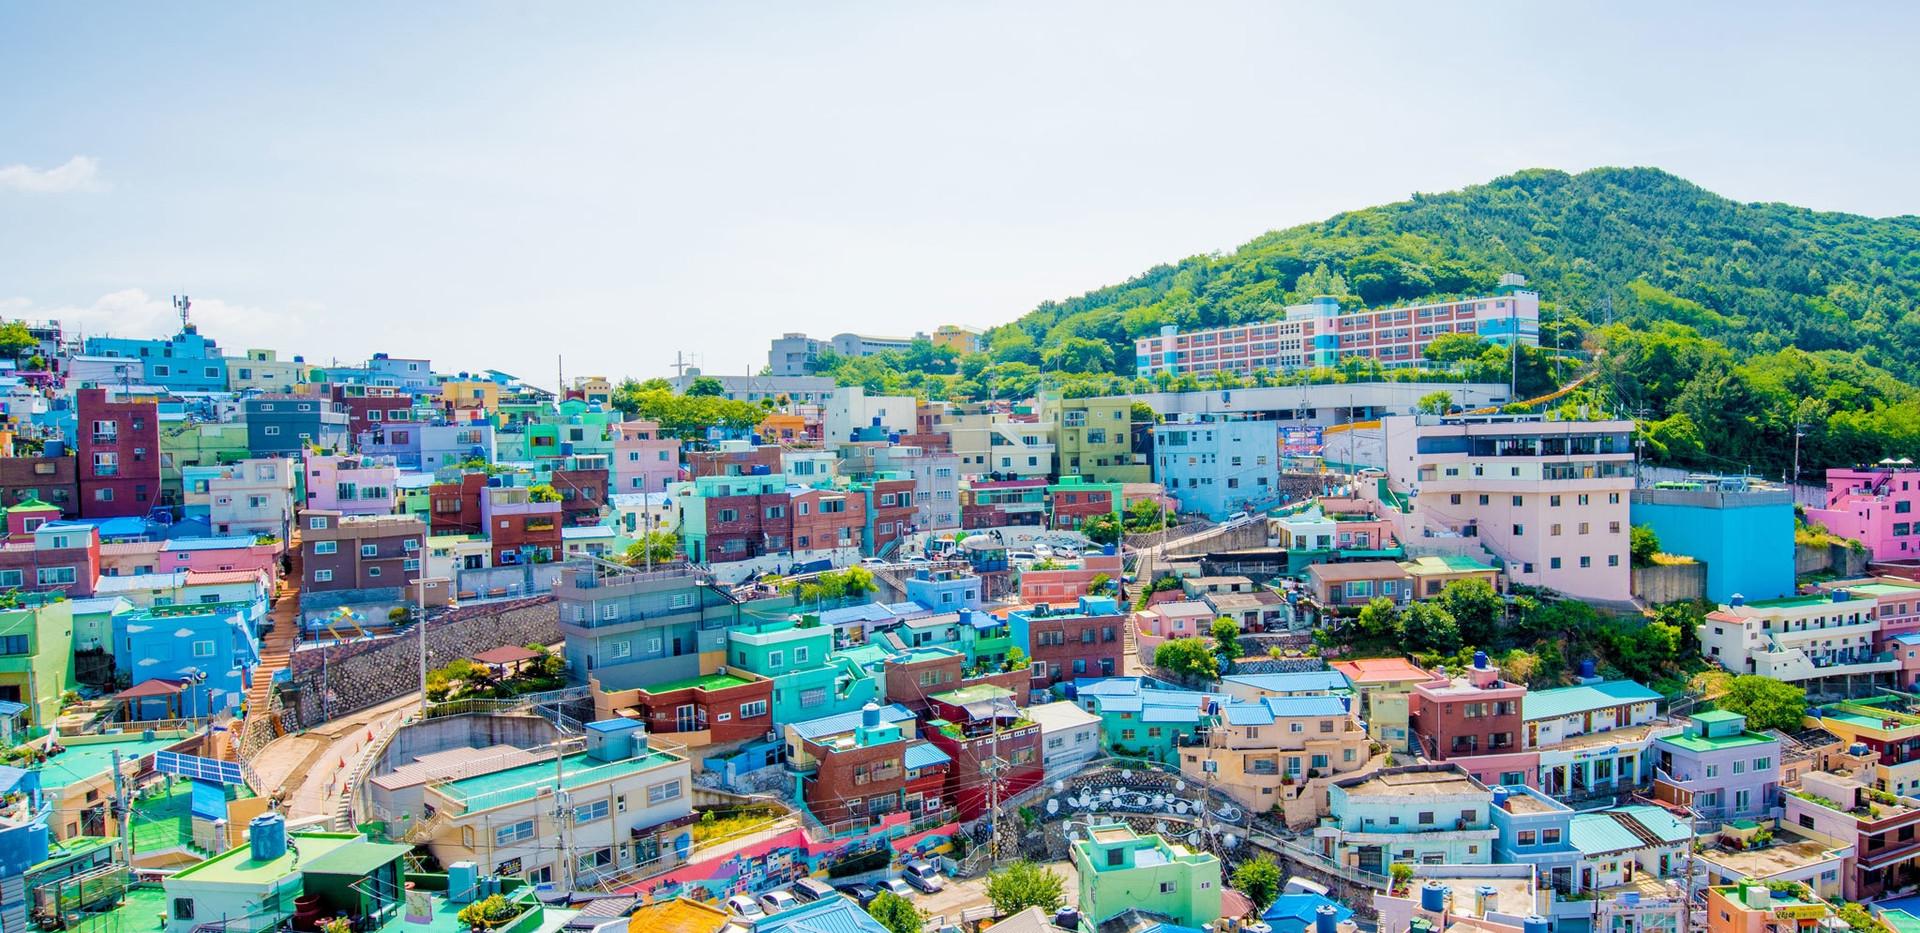 Busan Gamcheon village-02.jpg